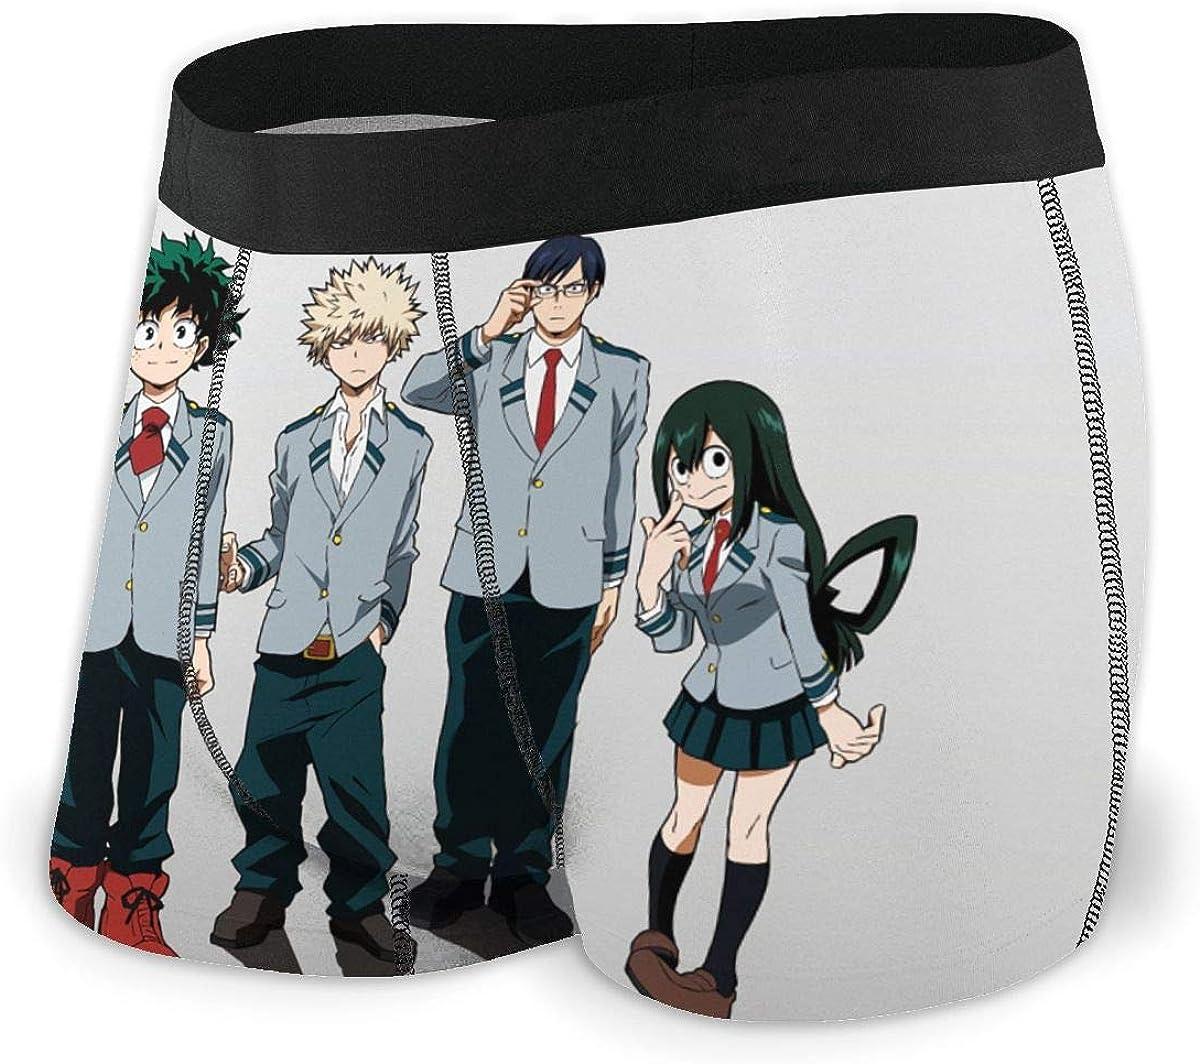 Japanese Cartoon Vocaloid Hatsune Miku Music All Mens Boxer Briefs Mens Underwear Cotton Underwear Stylish Black